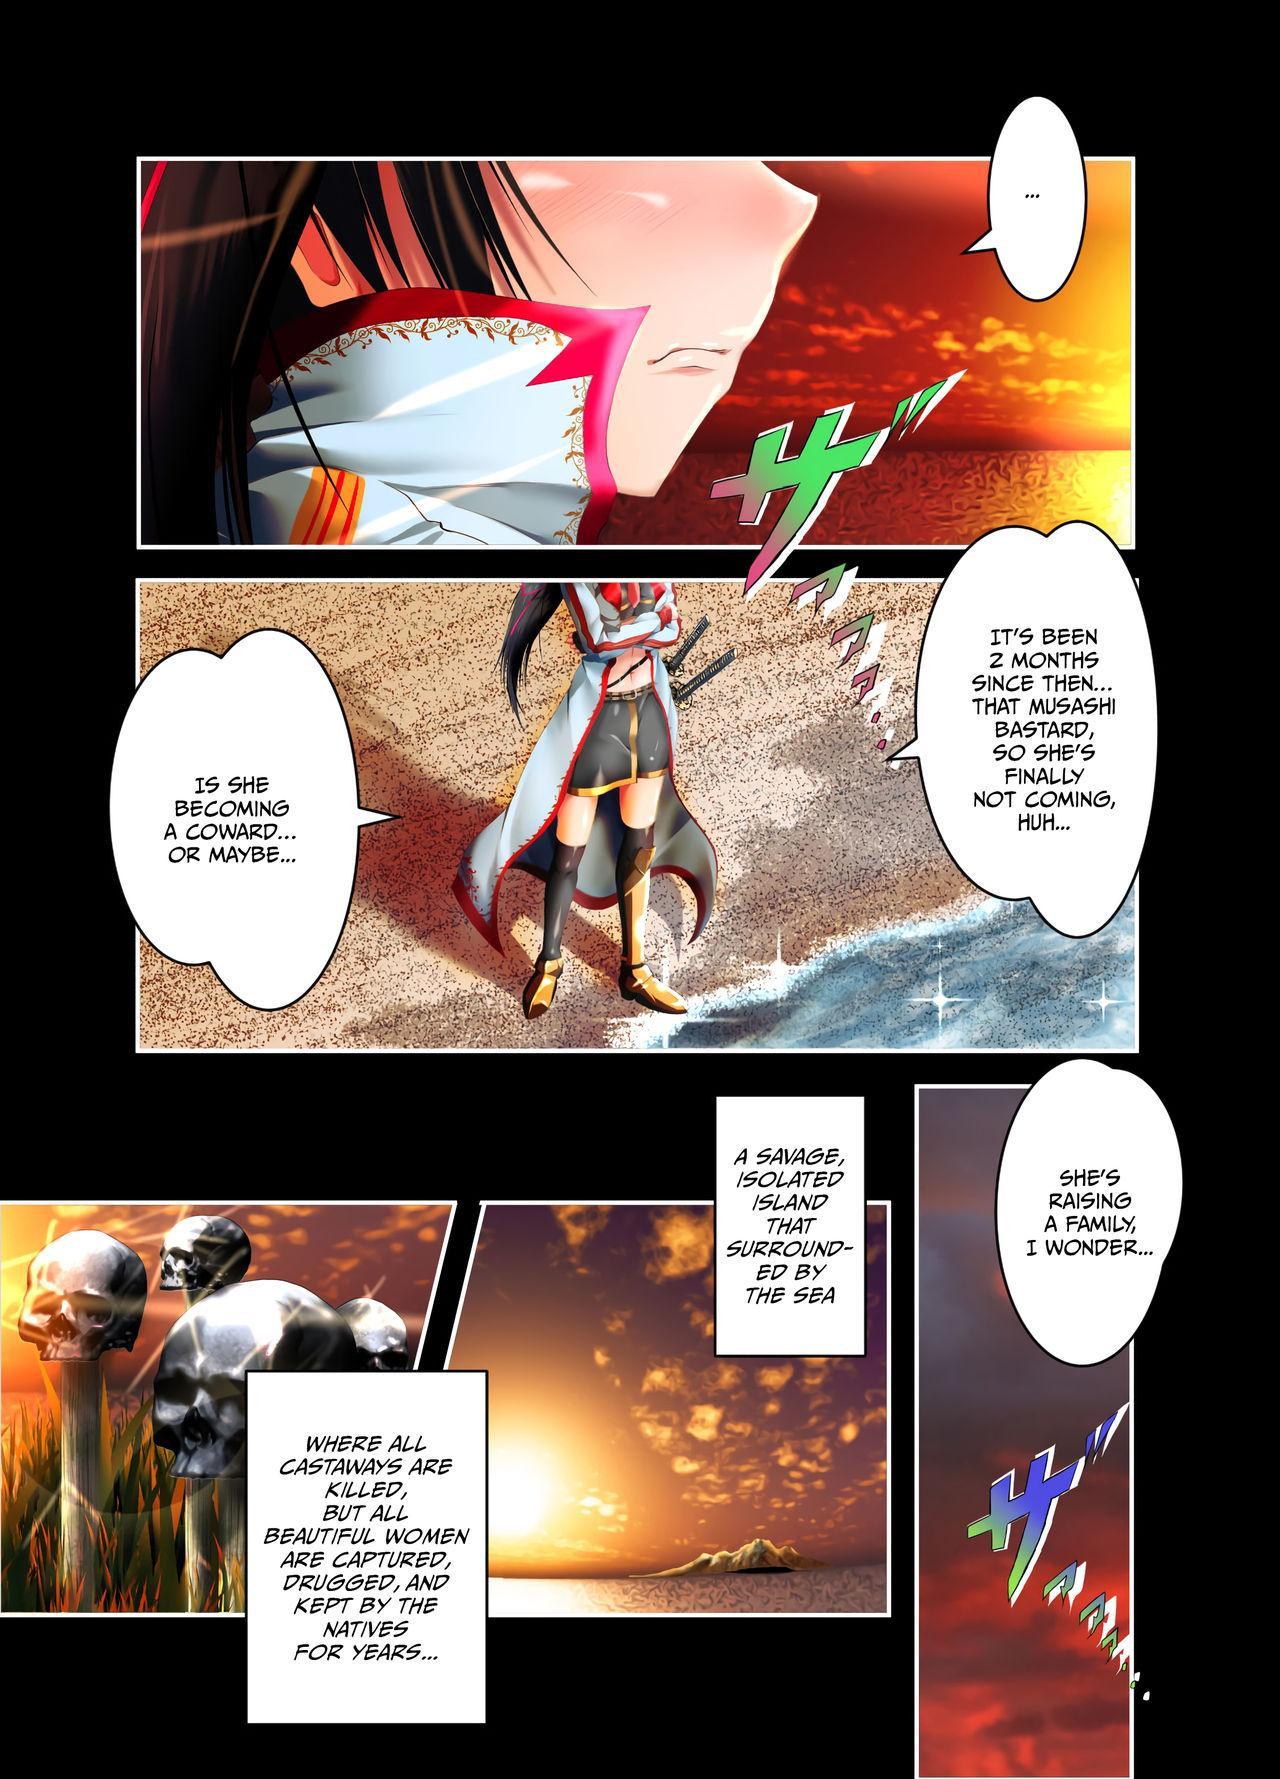 Musashi Ganryuujima Kessen 25